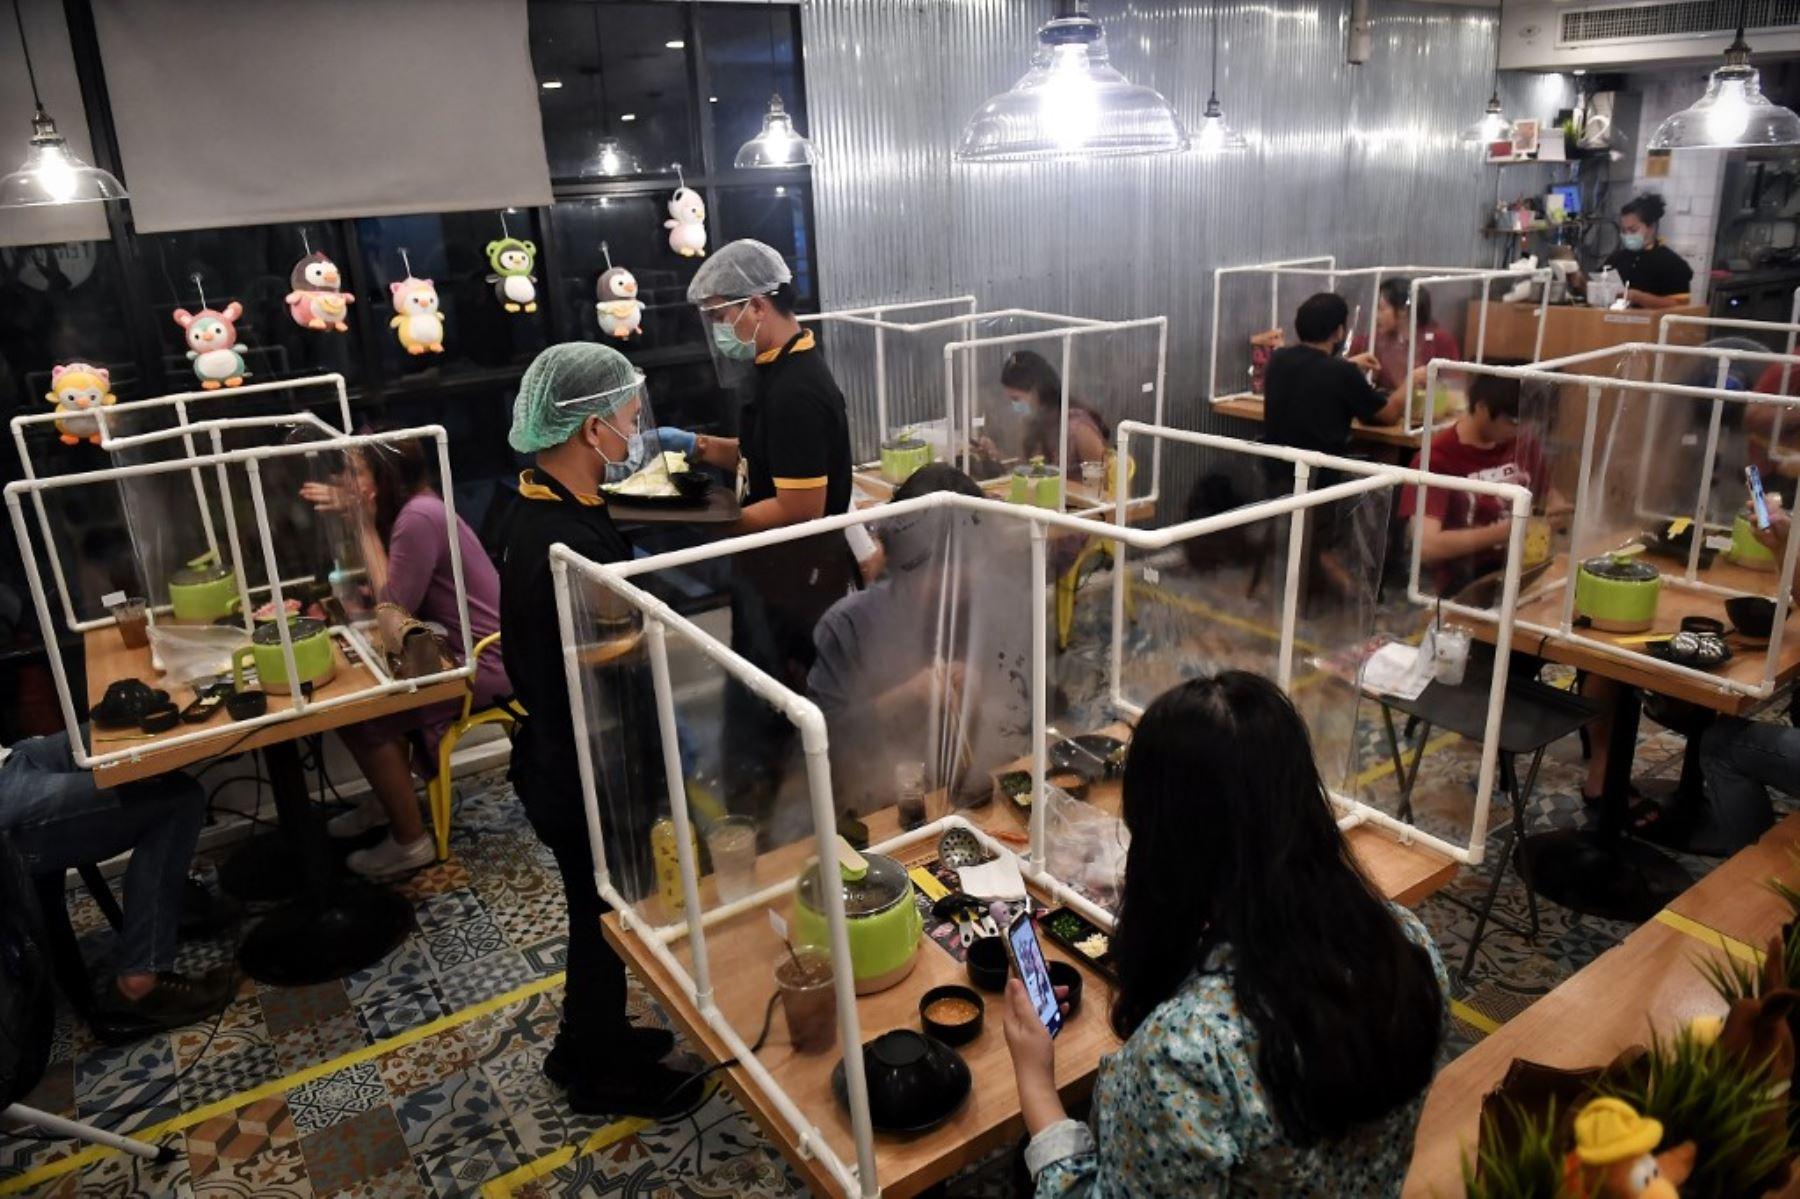 La gente come entre particiones plásticas, configuradas en un esfuerzo por contener cualquier propagación del coronavirus COVID-19, en el restaurante Penguin Eat Shabu en Bangkok. Foto: AFP